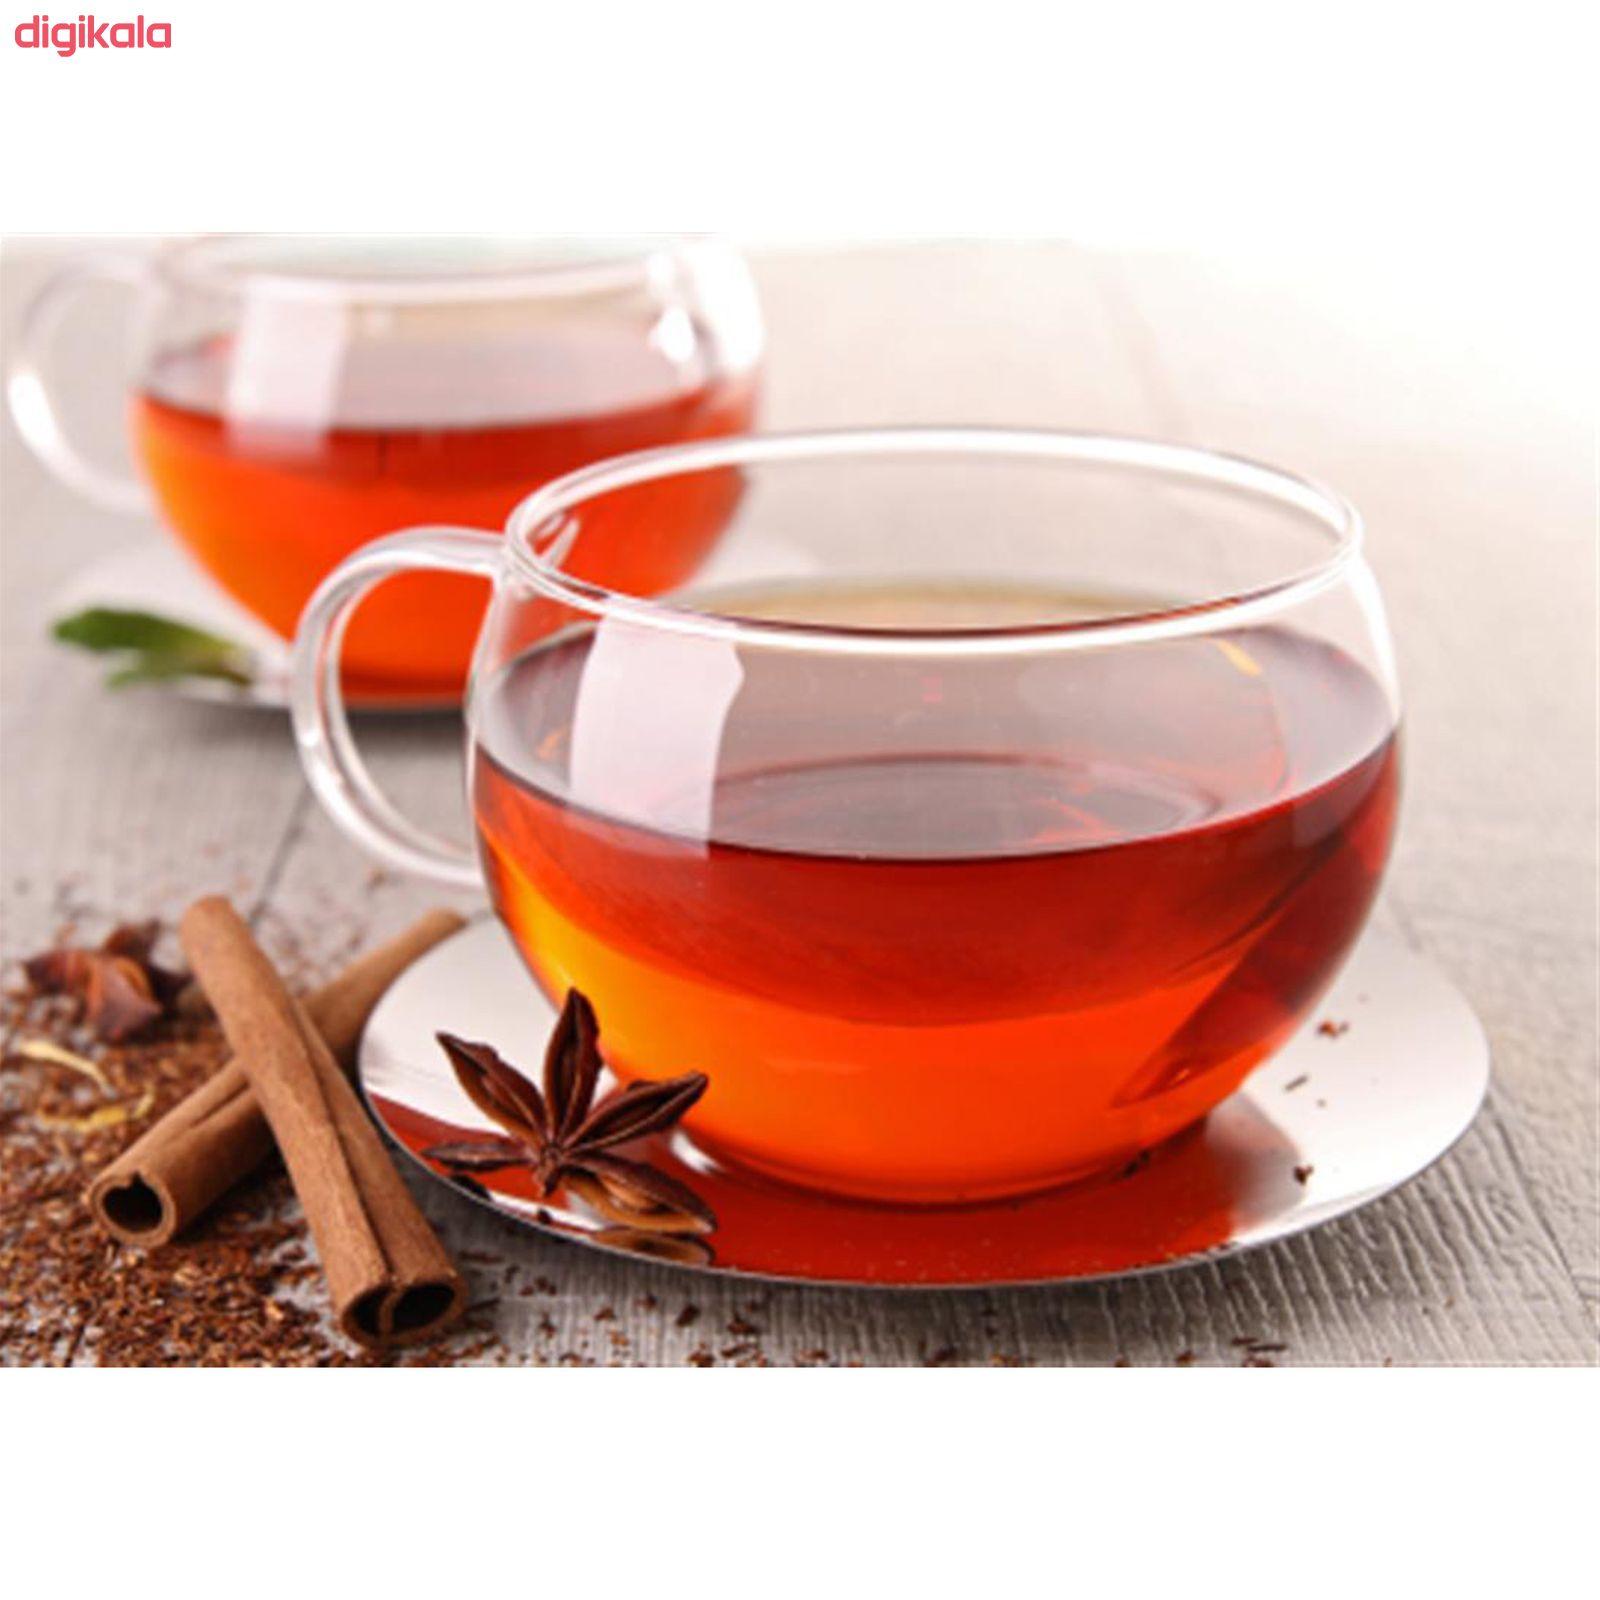 چای سیاه شکسته خارجی جهان سری کره نشان  مقدار 500 گرم main 1 5